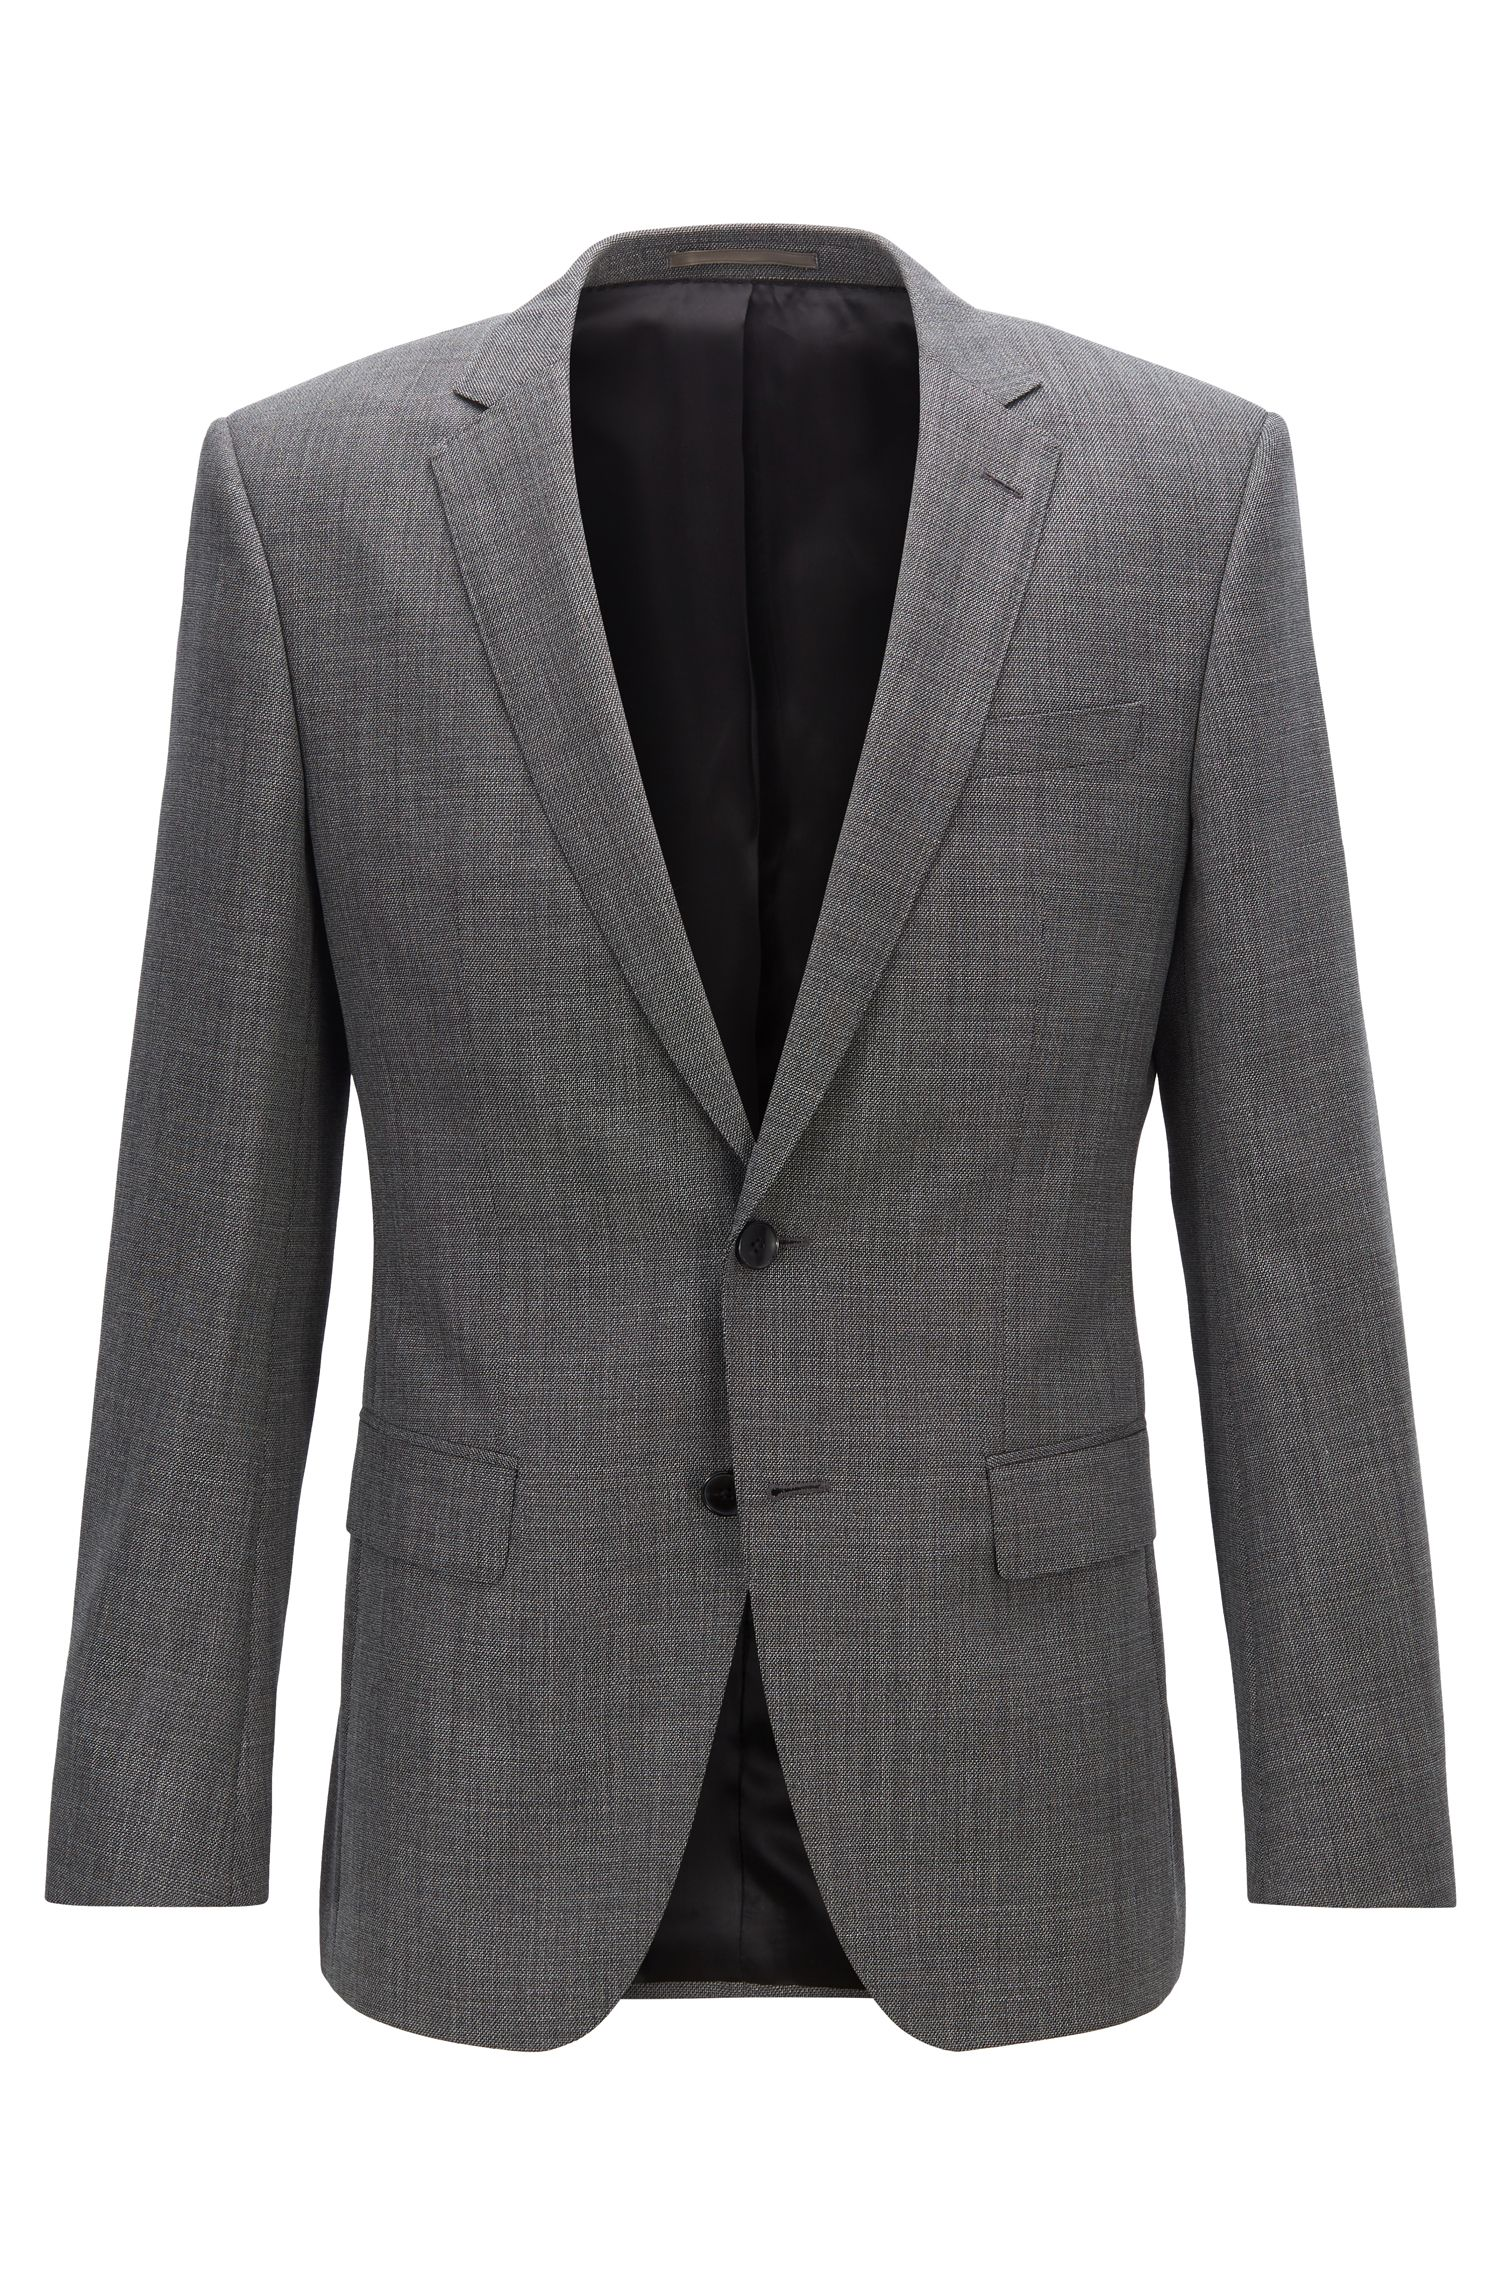 Veste Slim Fit en sergé de laine vierge à micromotif, Noir